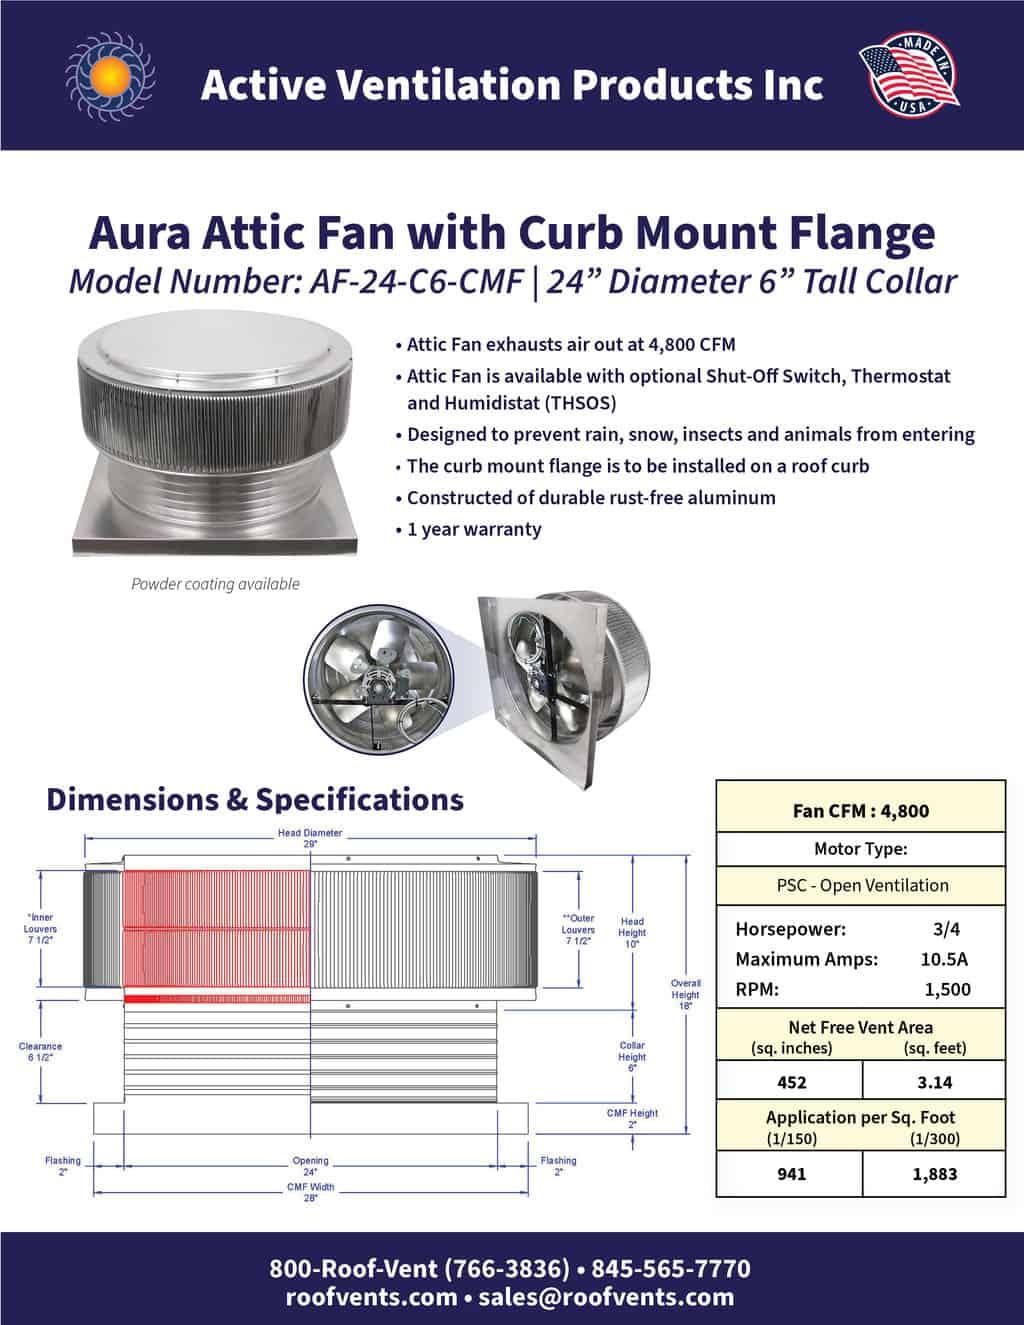 AF-24-C6-CMF-brochure An Exhaust Attic Fan